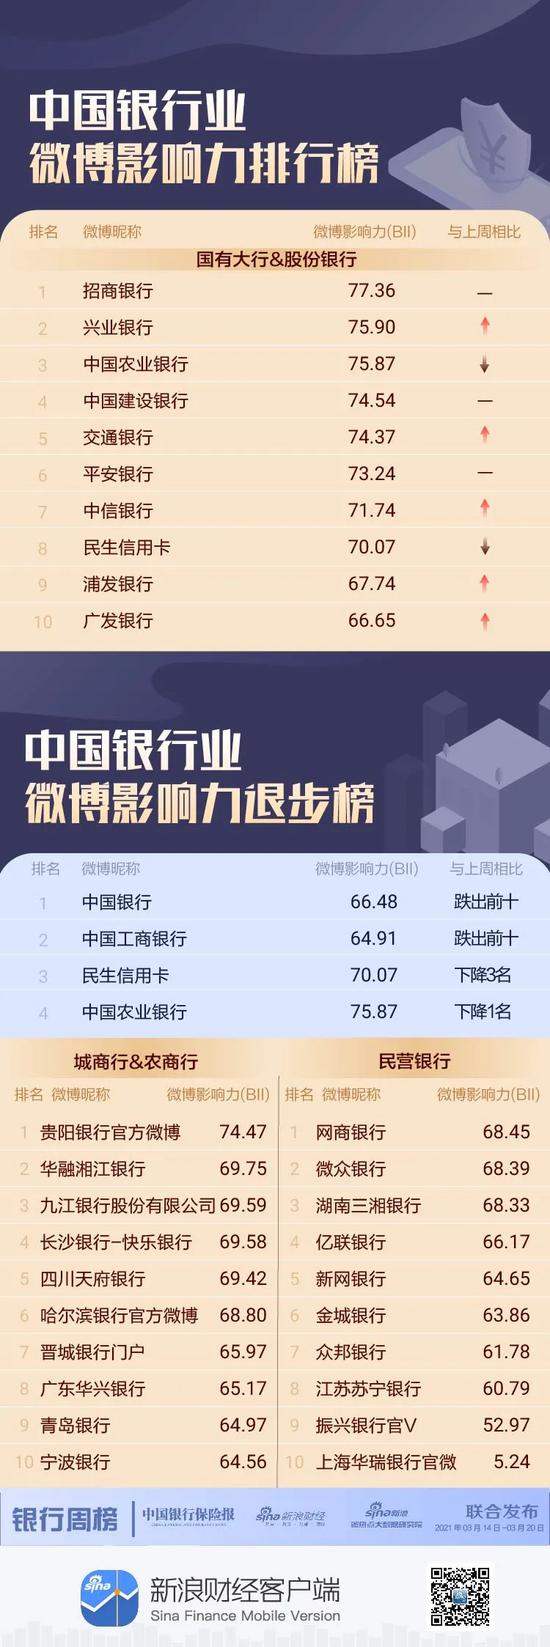 银行机构微博影响力哪家强?中国银行跌出前十